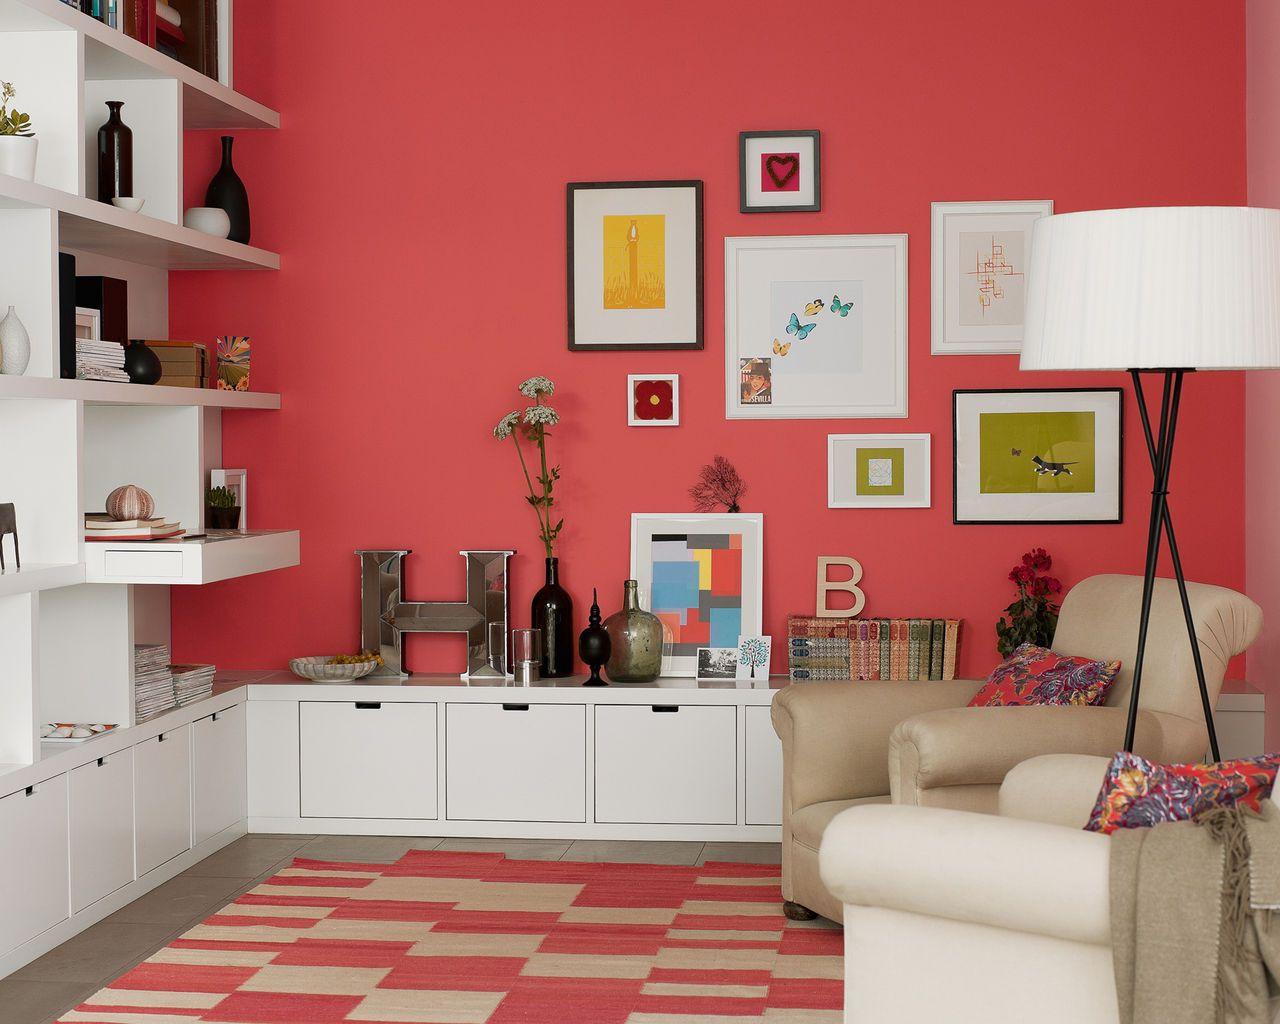 Deco peinture salon peinture rouge design dulux - Peinture blanche salon ...